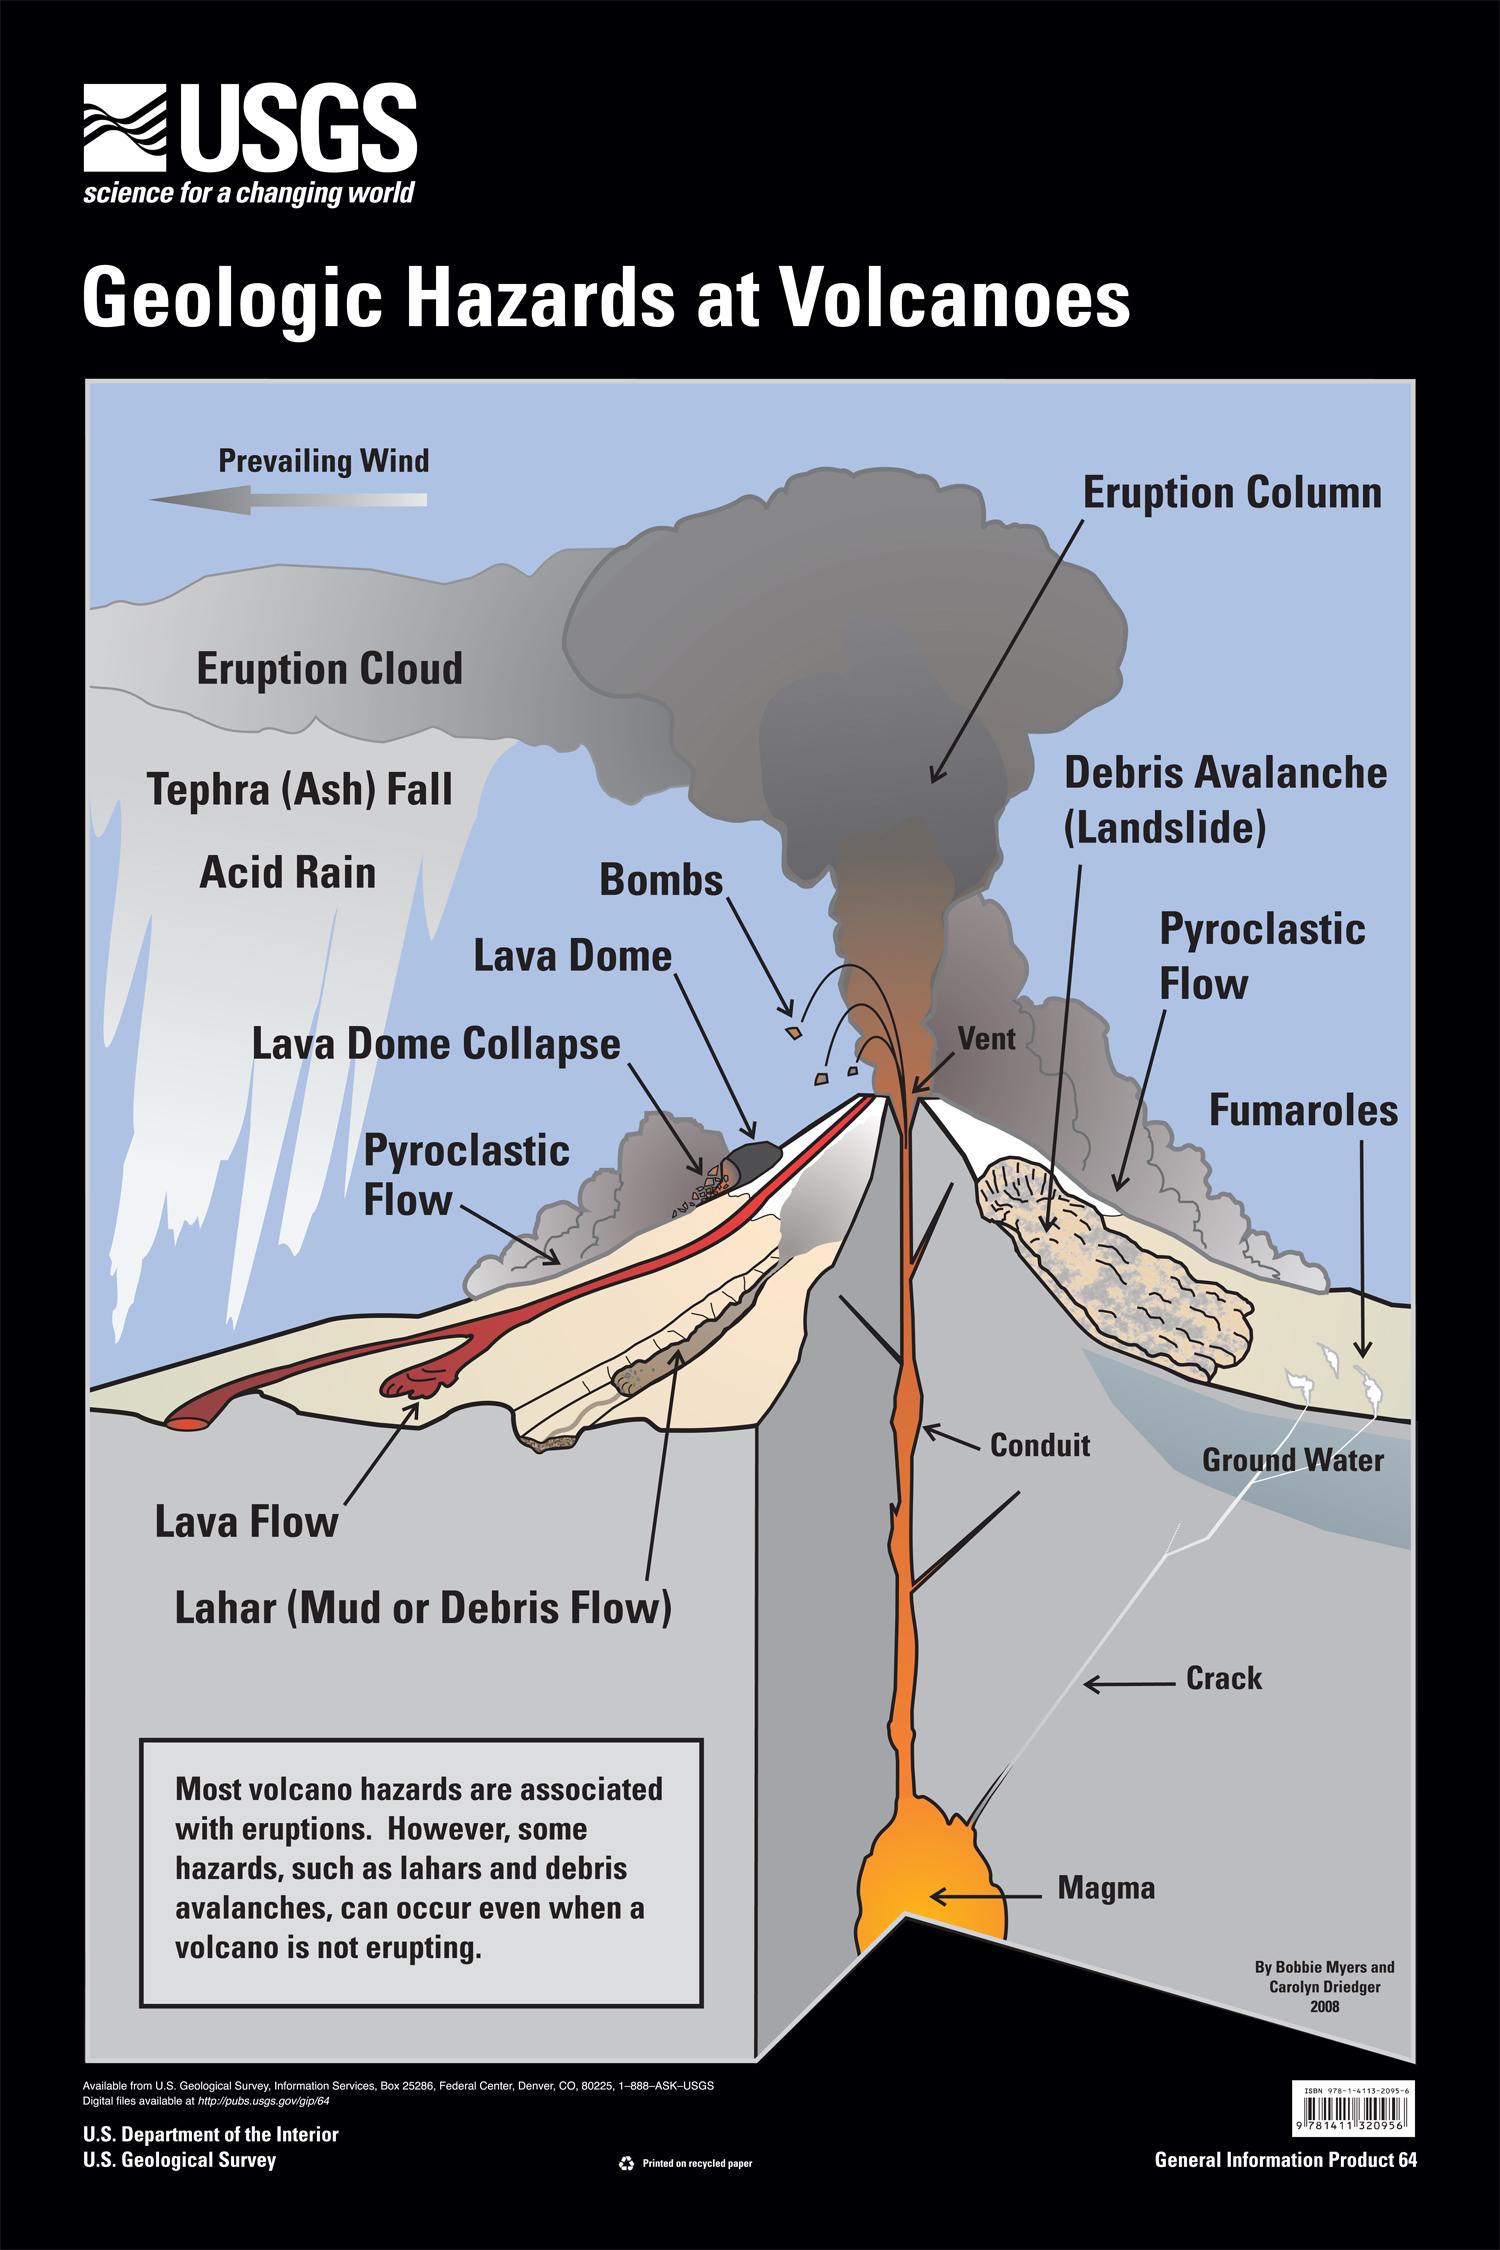 Usgs Releases Updated Volcanic Hazards Poster